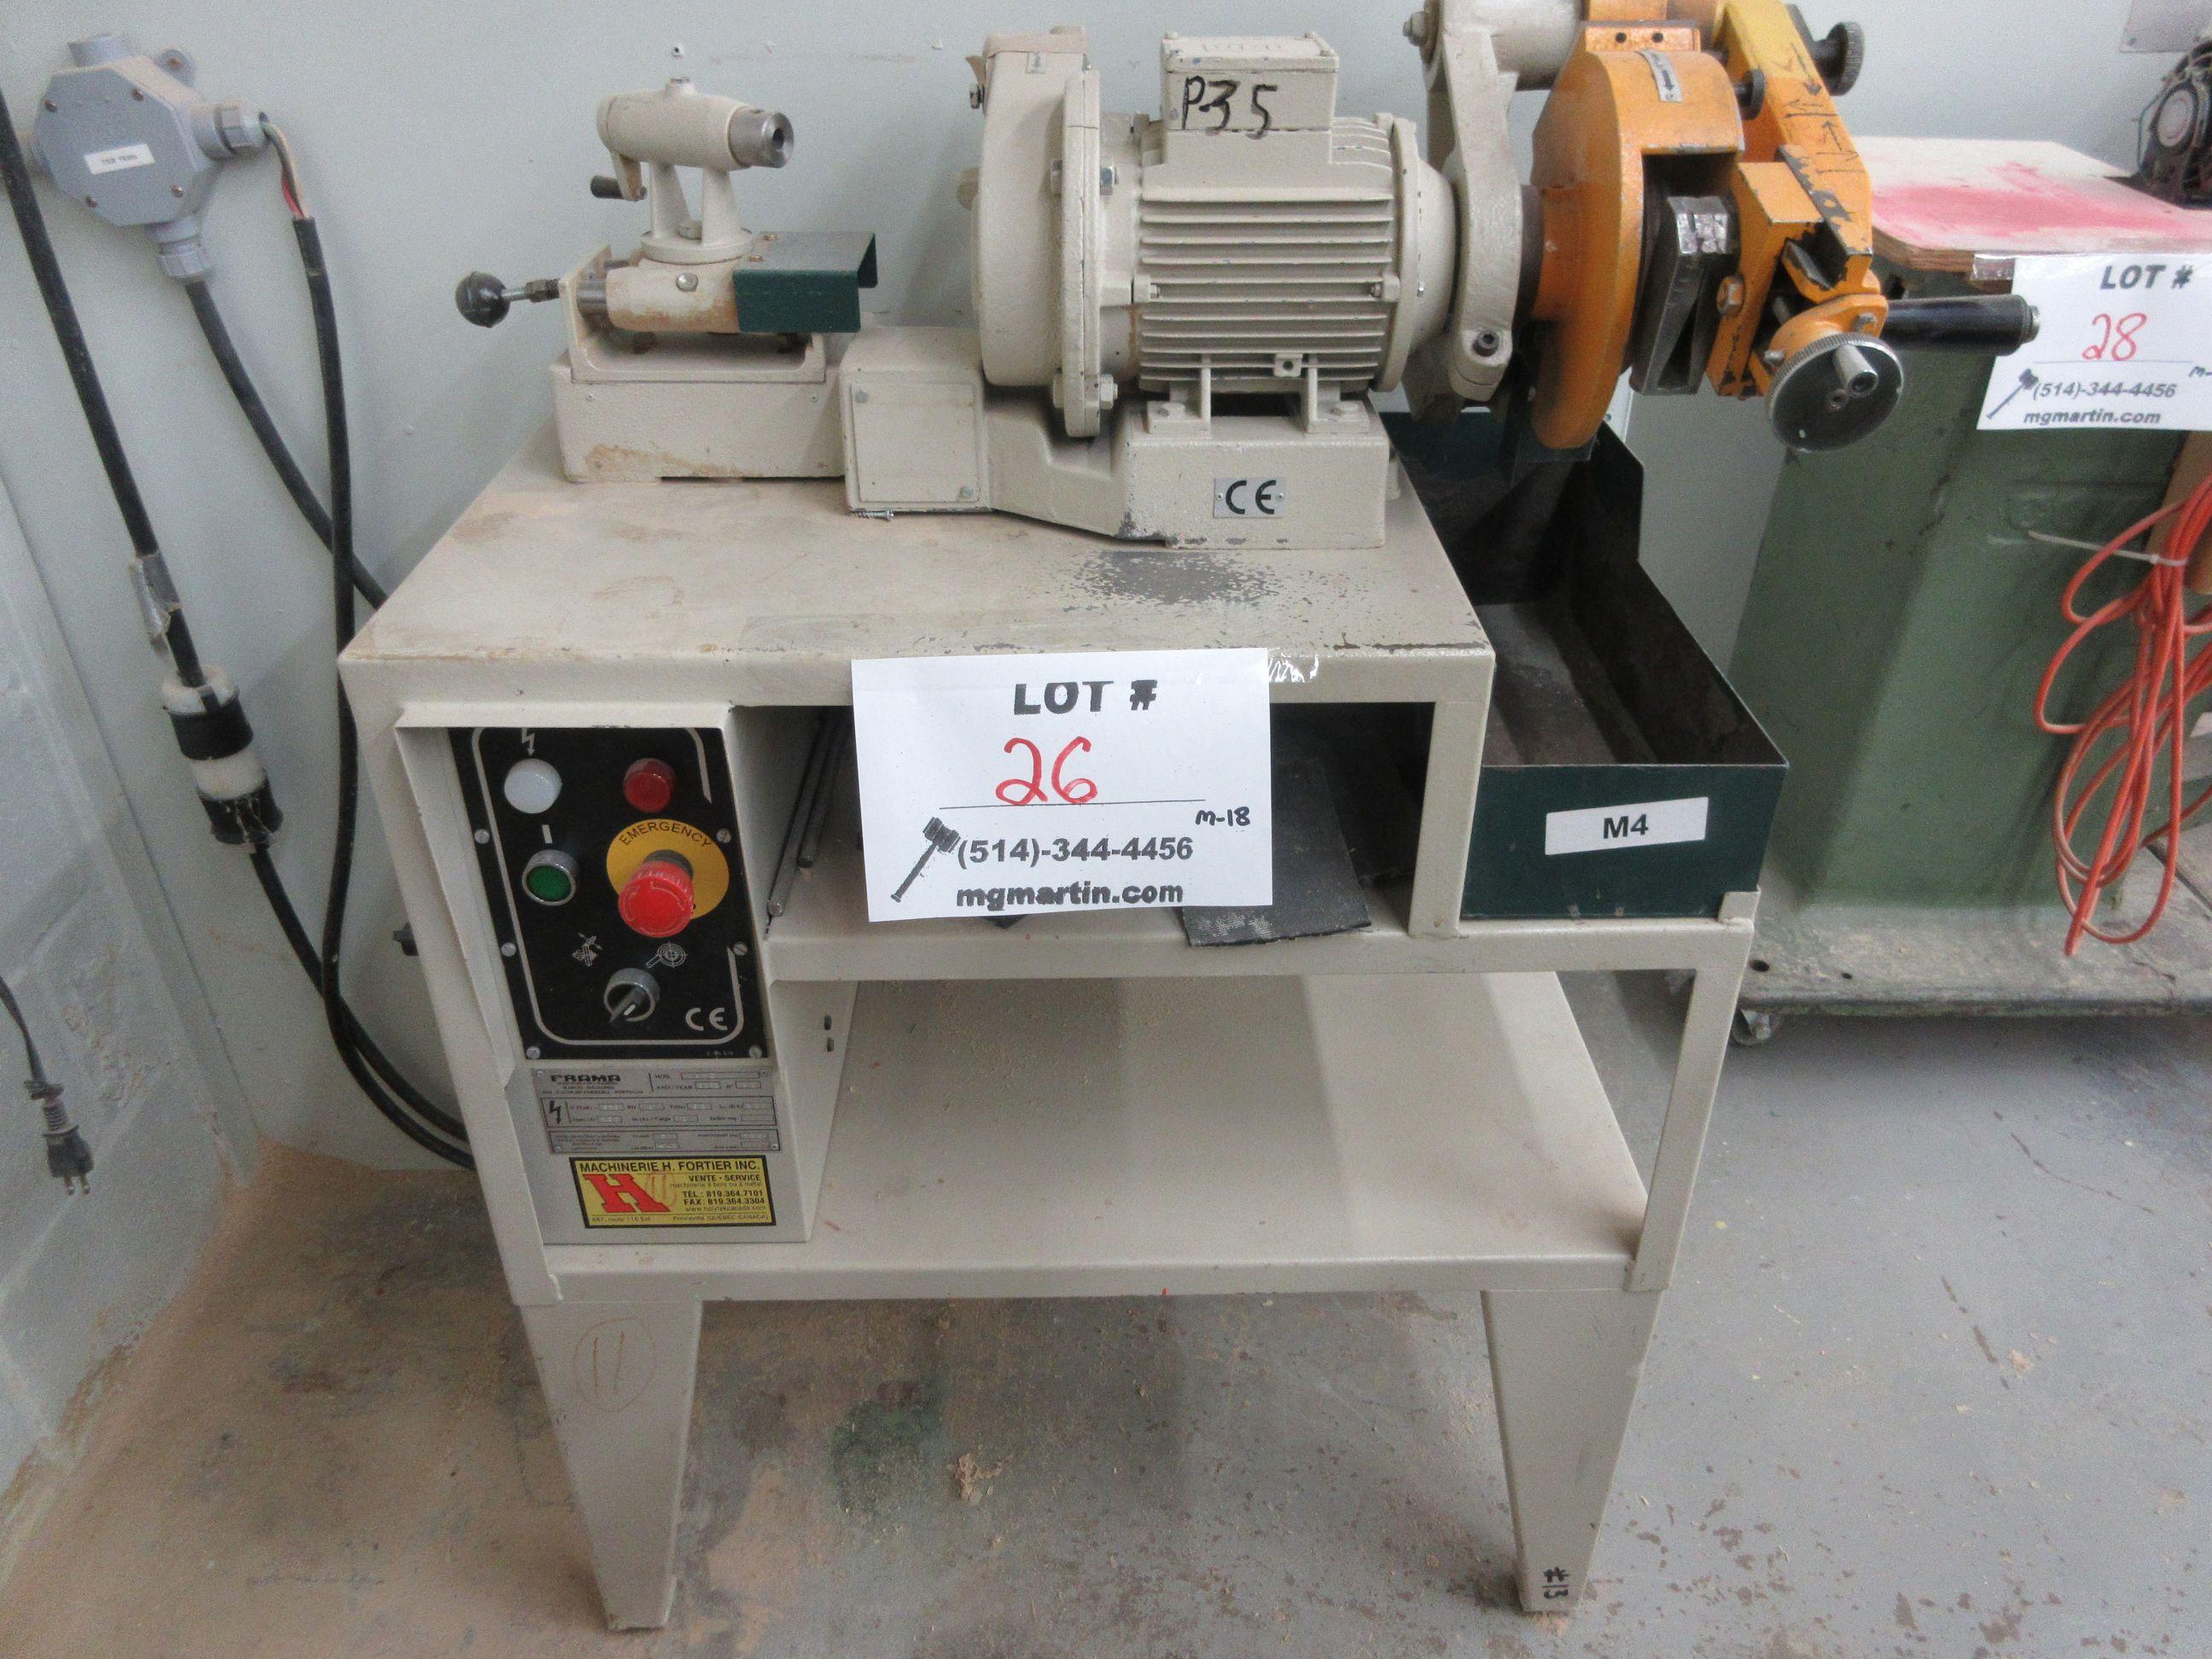 FRAMA grinder/sharpener, Mod: ATC, 600 volts